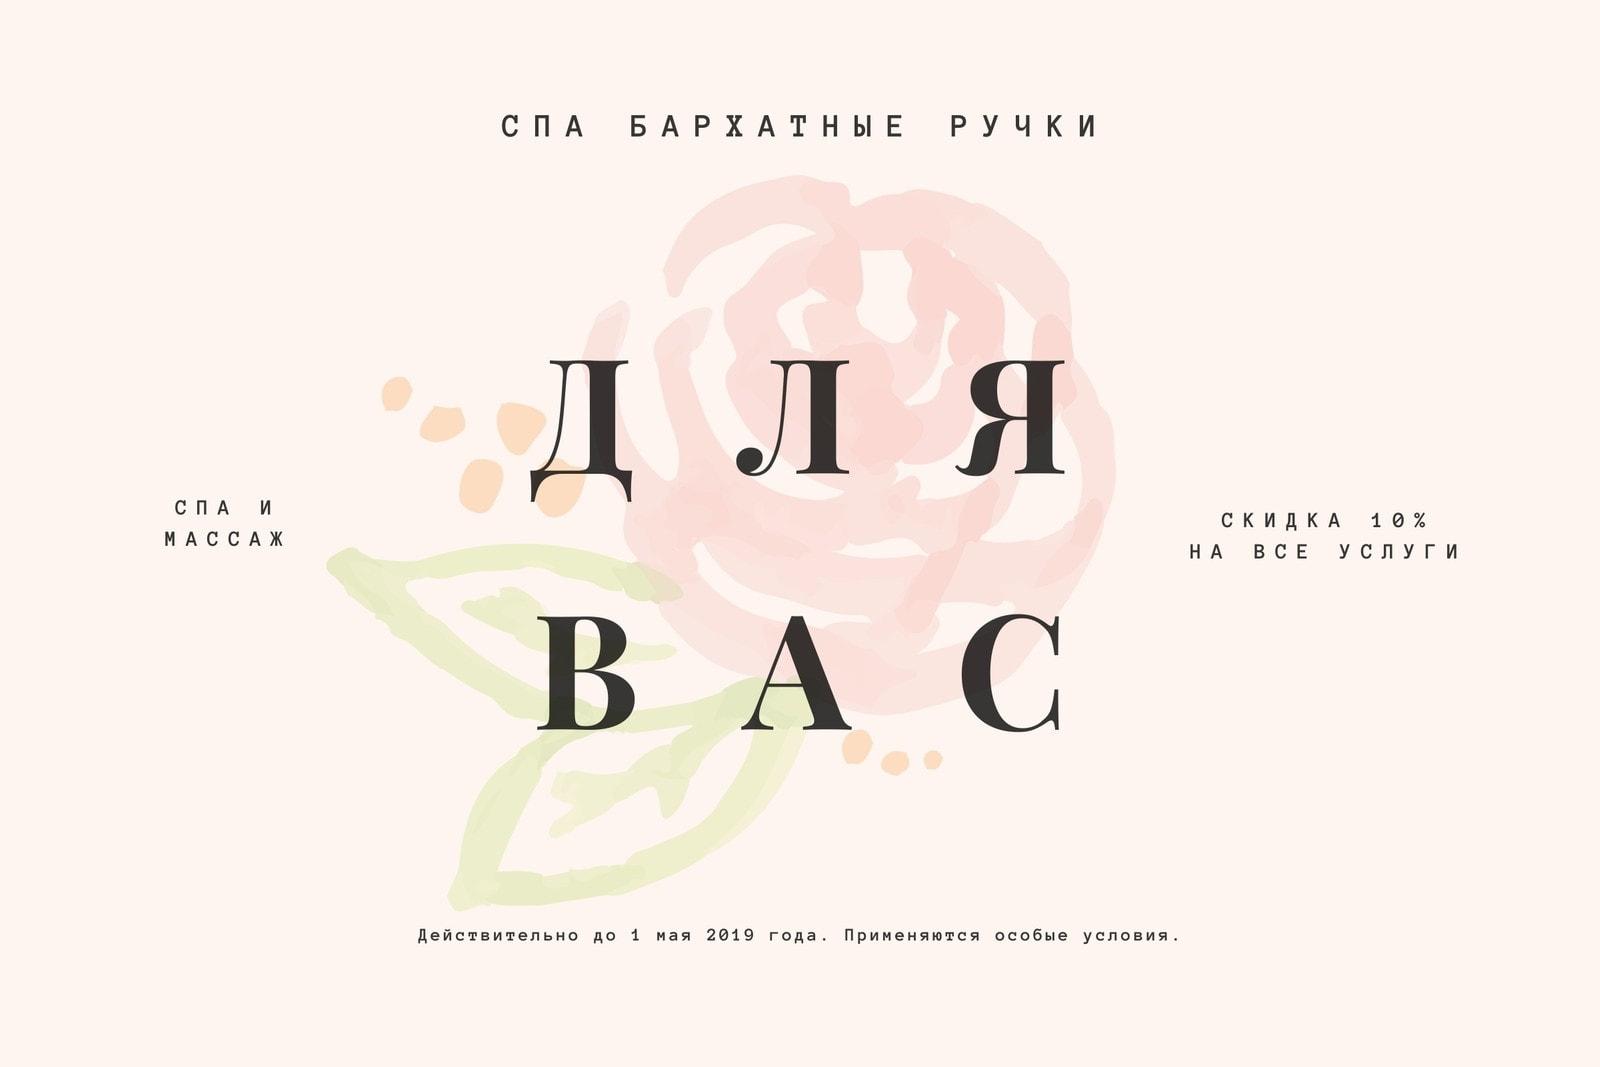 Светло-Персиковый Цветочный Акварель Массаж Подарочный Сертификат